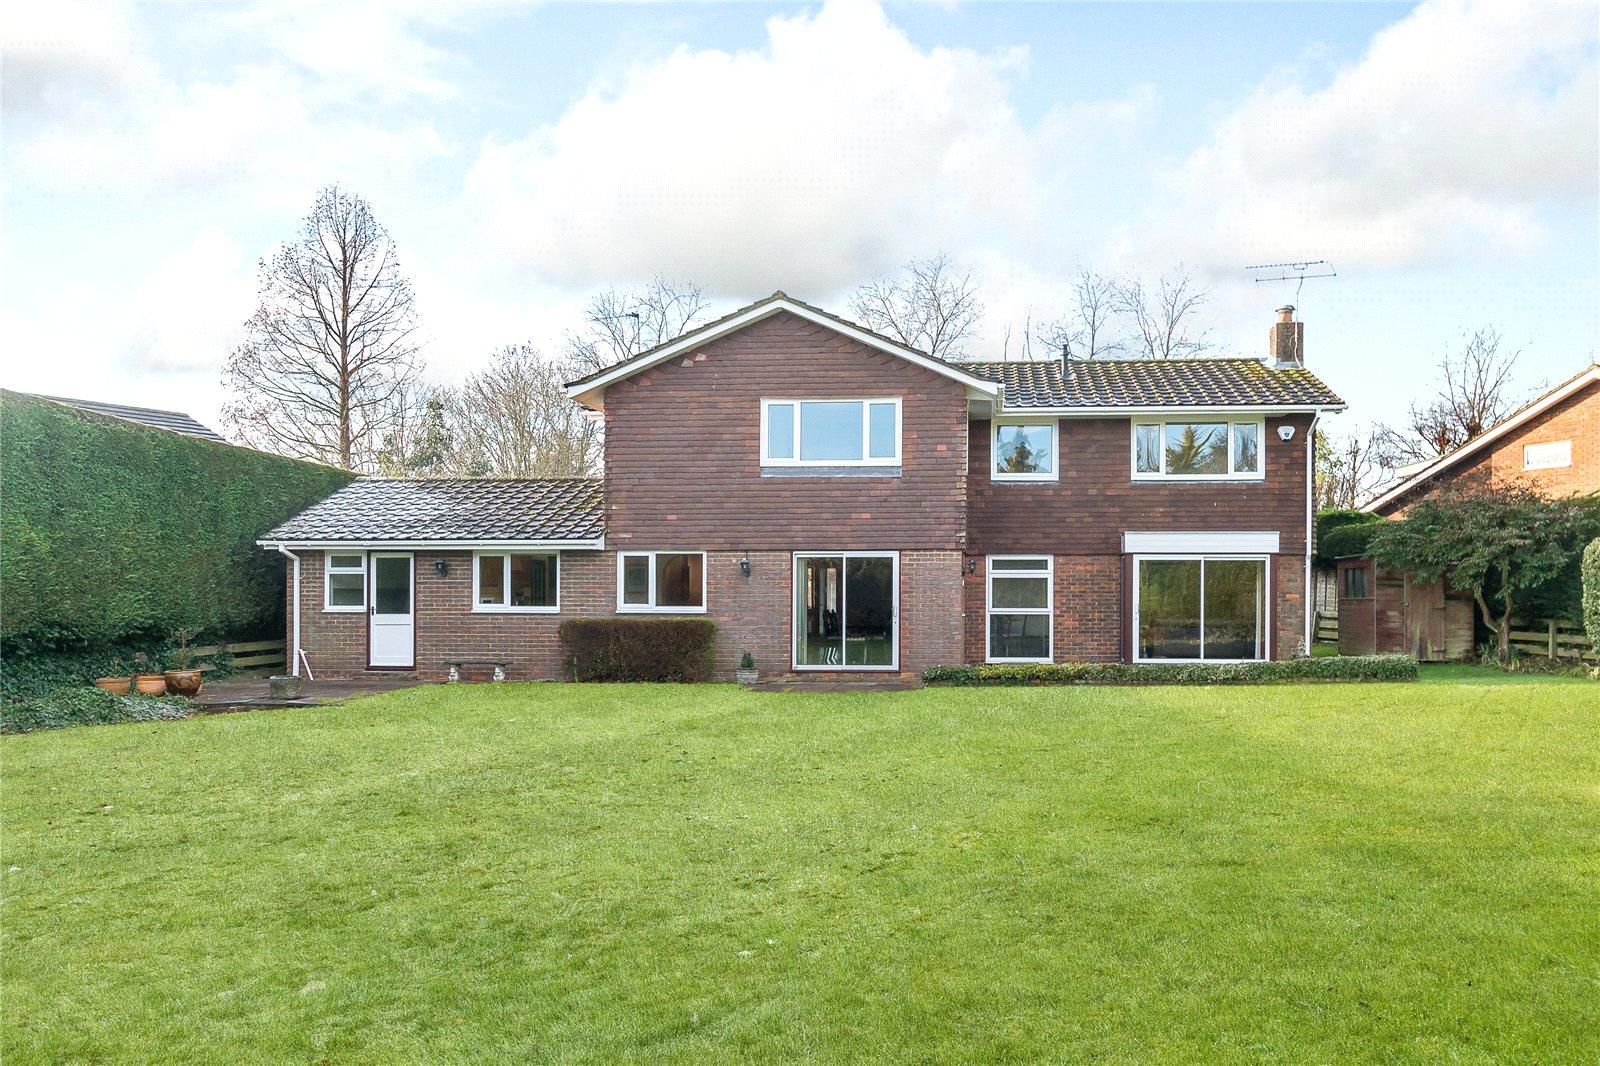 Maison unifamiliale pour l Vente à The Deerings, Harpenden, Hertfordshire, AL5 Harpenden, Angleterre